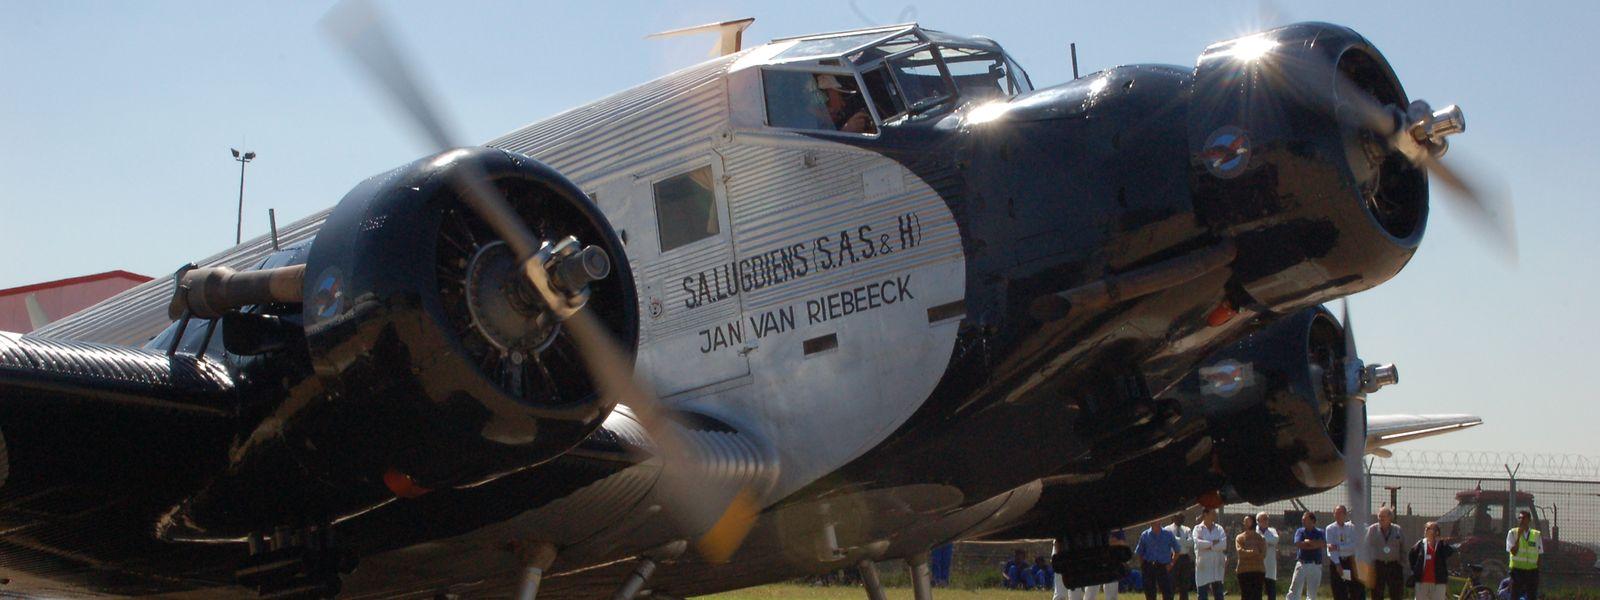 Die Junkers wartet auf die Freigabe zum Ausrollen auf dem Gelände des internationalen OR Tambo-Airport beim Motoren-Testlauf, unmittelbar vor einem einstündigen Wartungsflug der Maschine.